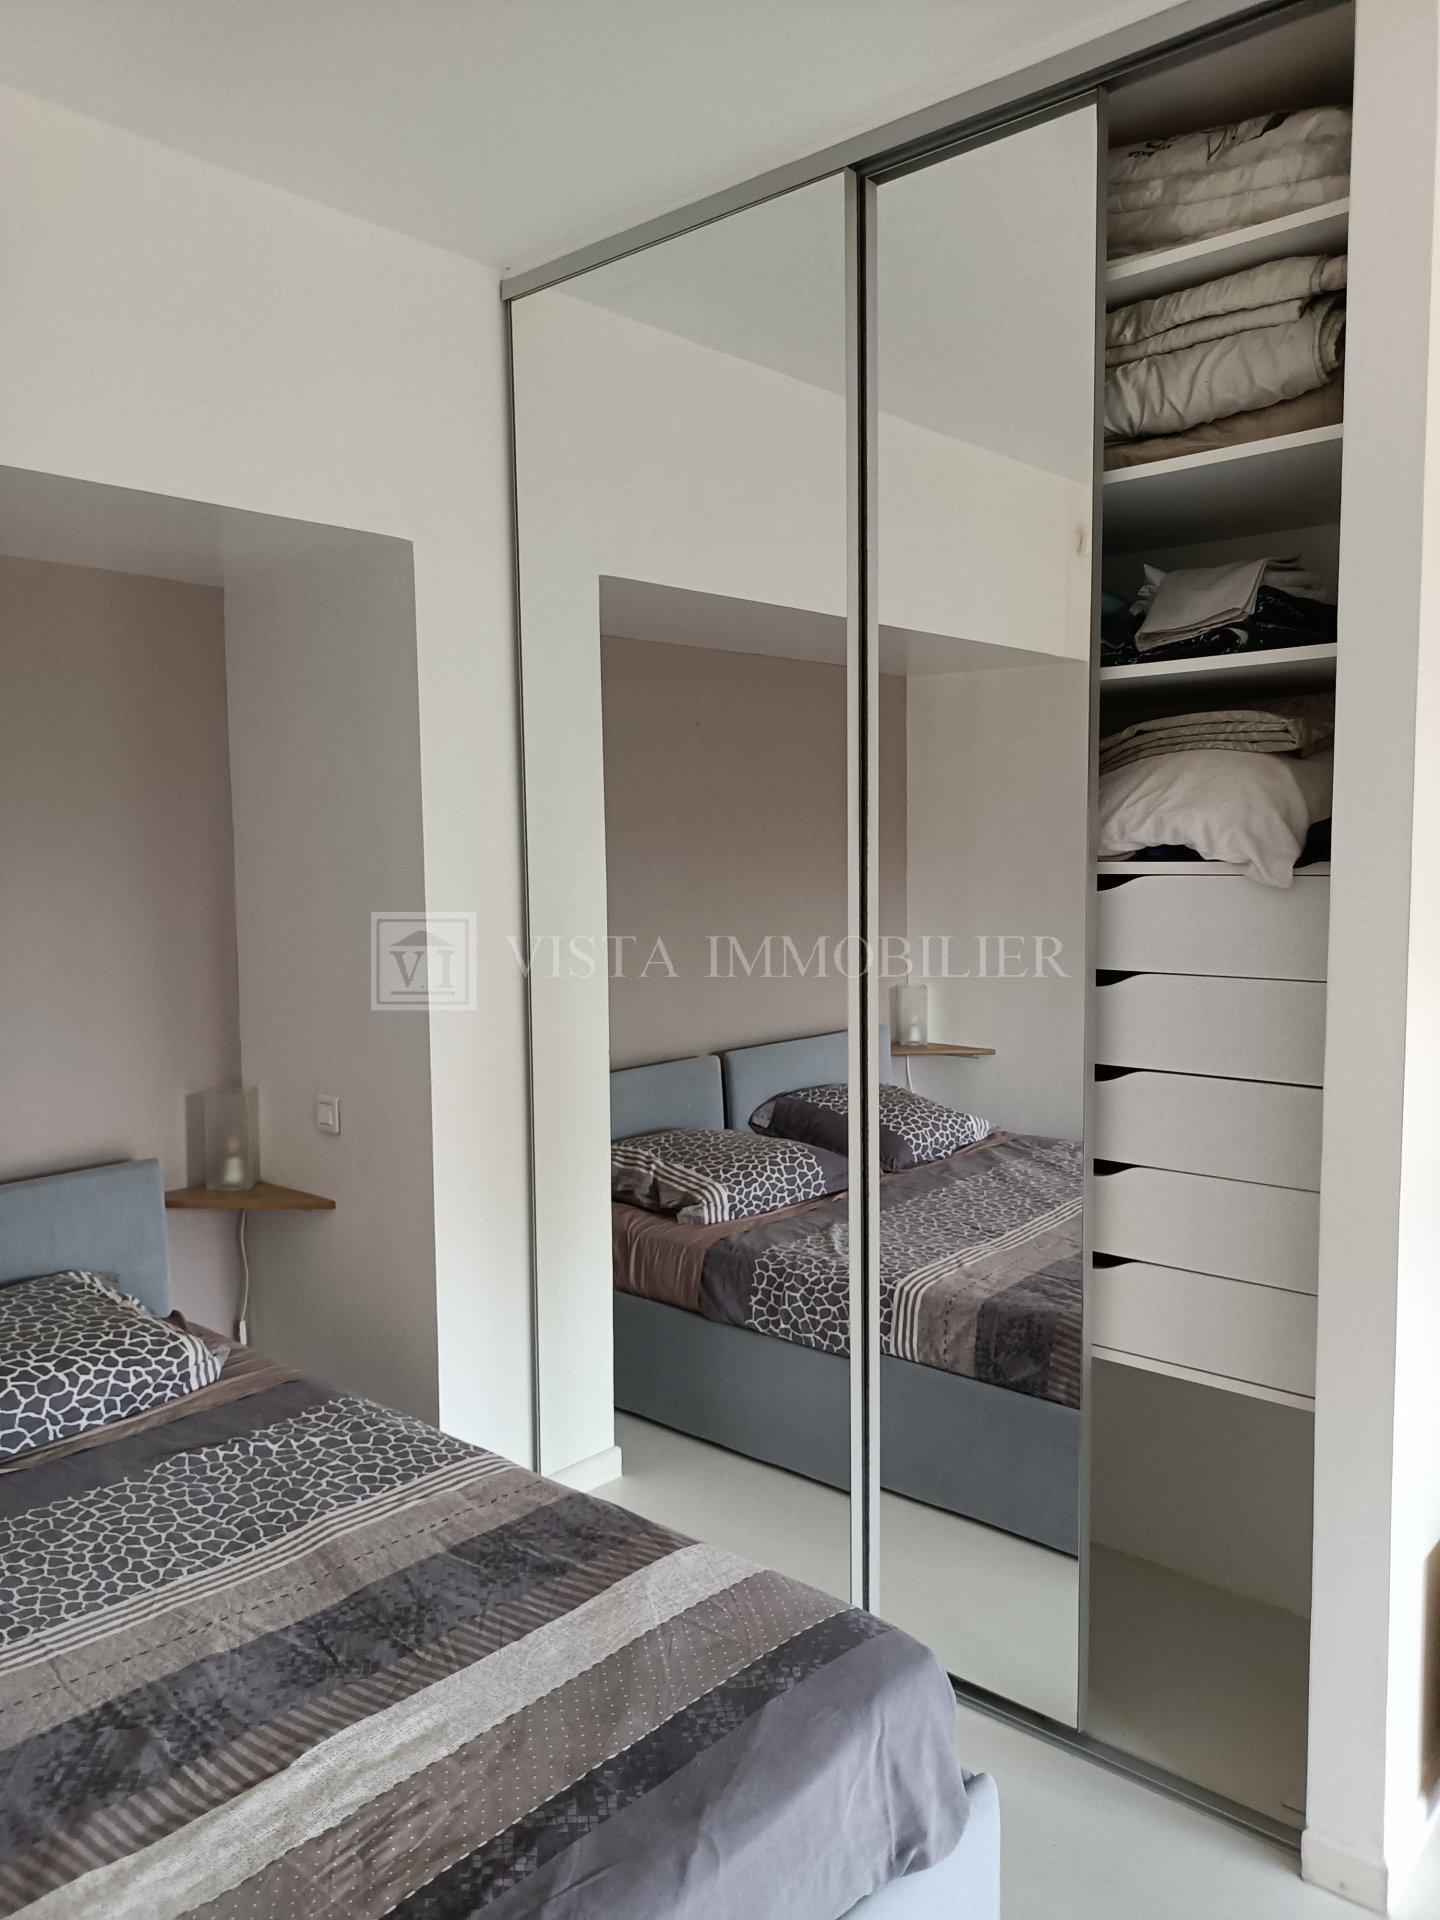 Affitto Appartamento - Roquebrune-Cap-Martin Le Cap